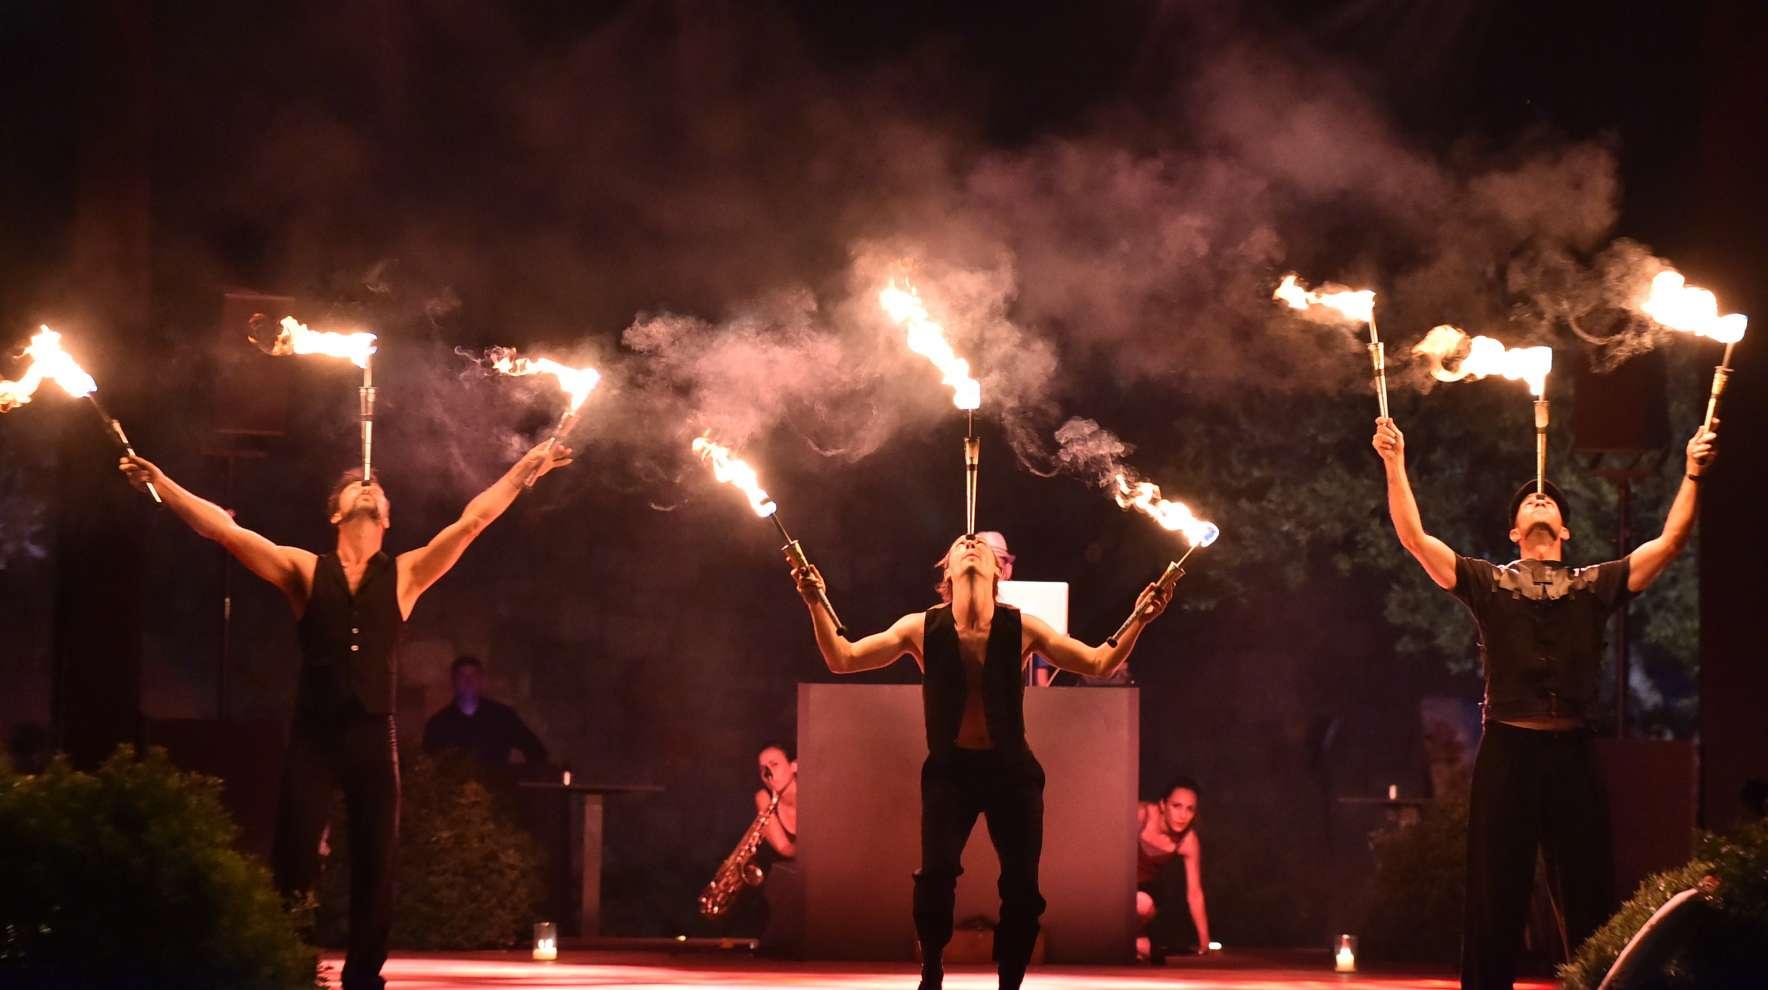 Σώου με φωτιές με τρεις ζογκλέρ να ισορροπούν αναμμένους πυρσούς στη σκηνή γαμήλιας δεξίωσης στο ξενοδοχείο Amanzoe.